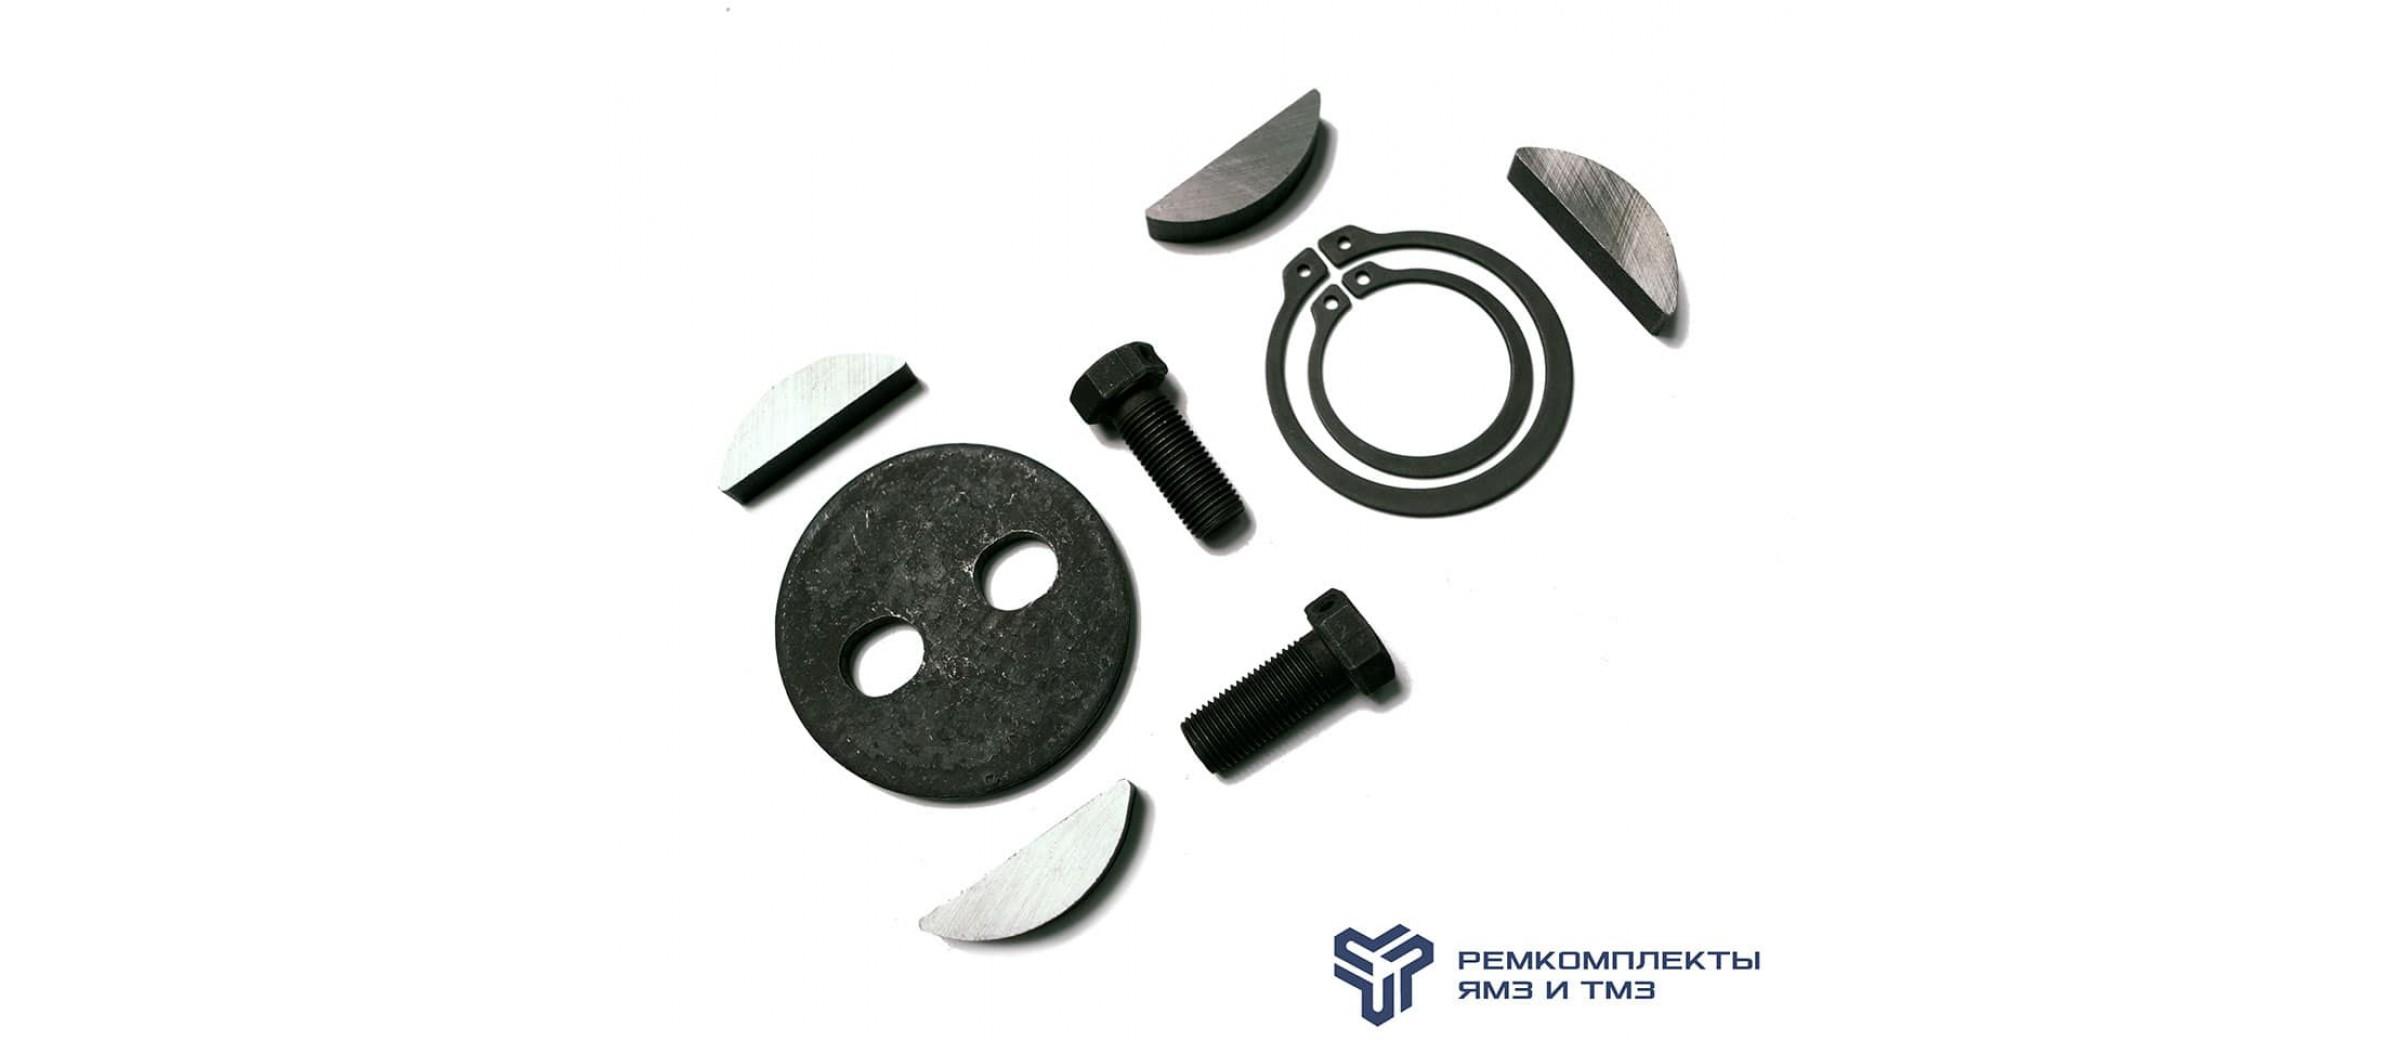 Ремкомплект замены промежуточного вала КПП-238 А,Б,ВМ,ВК